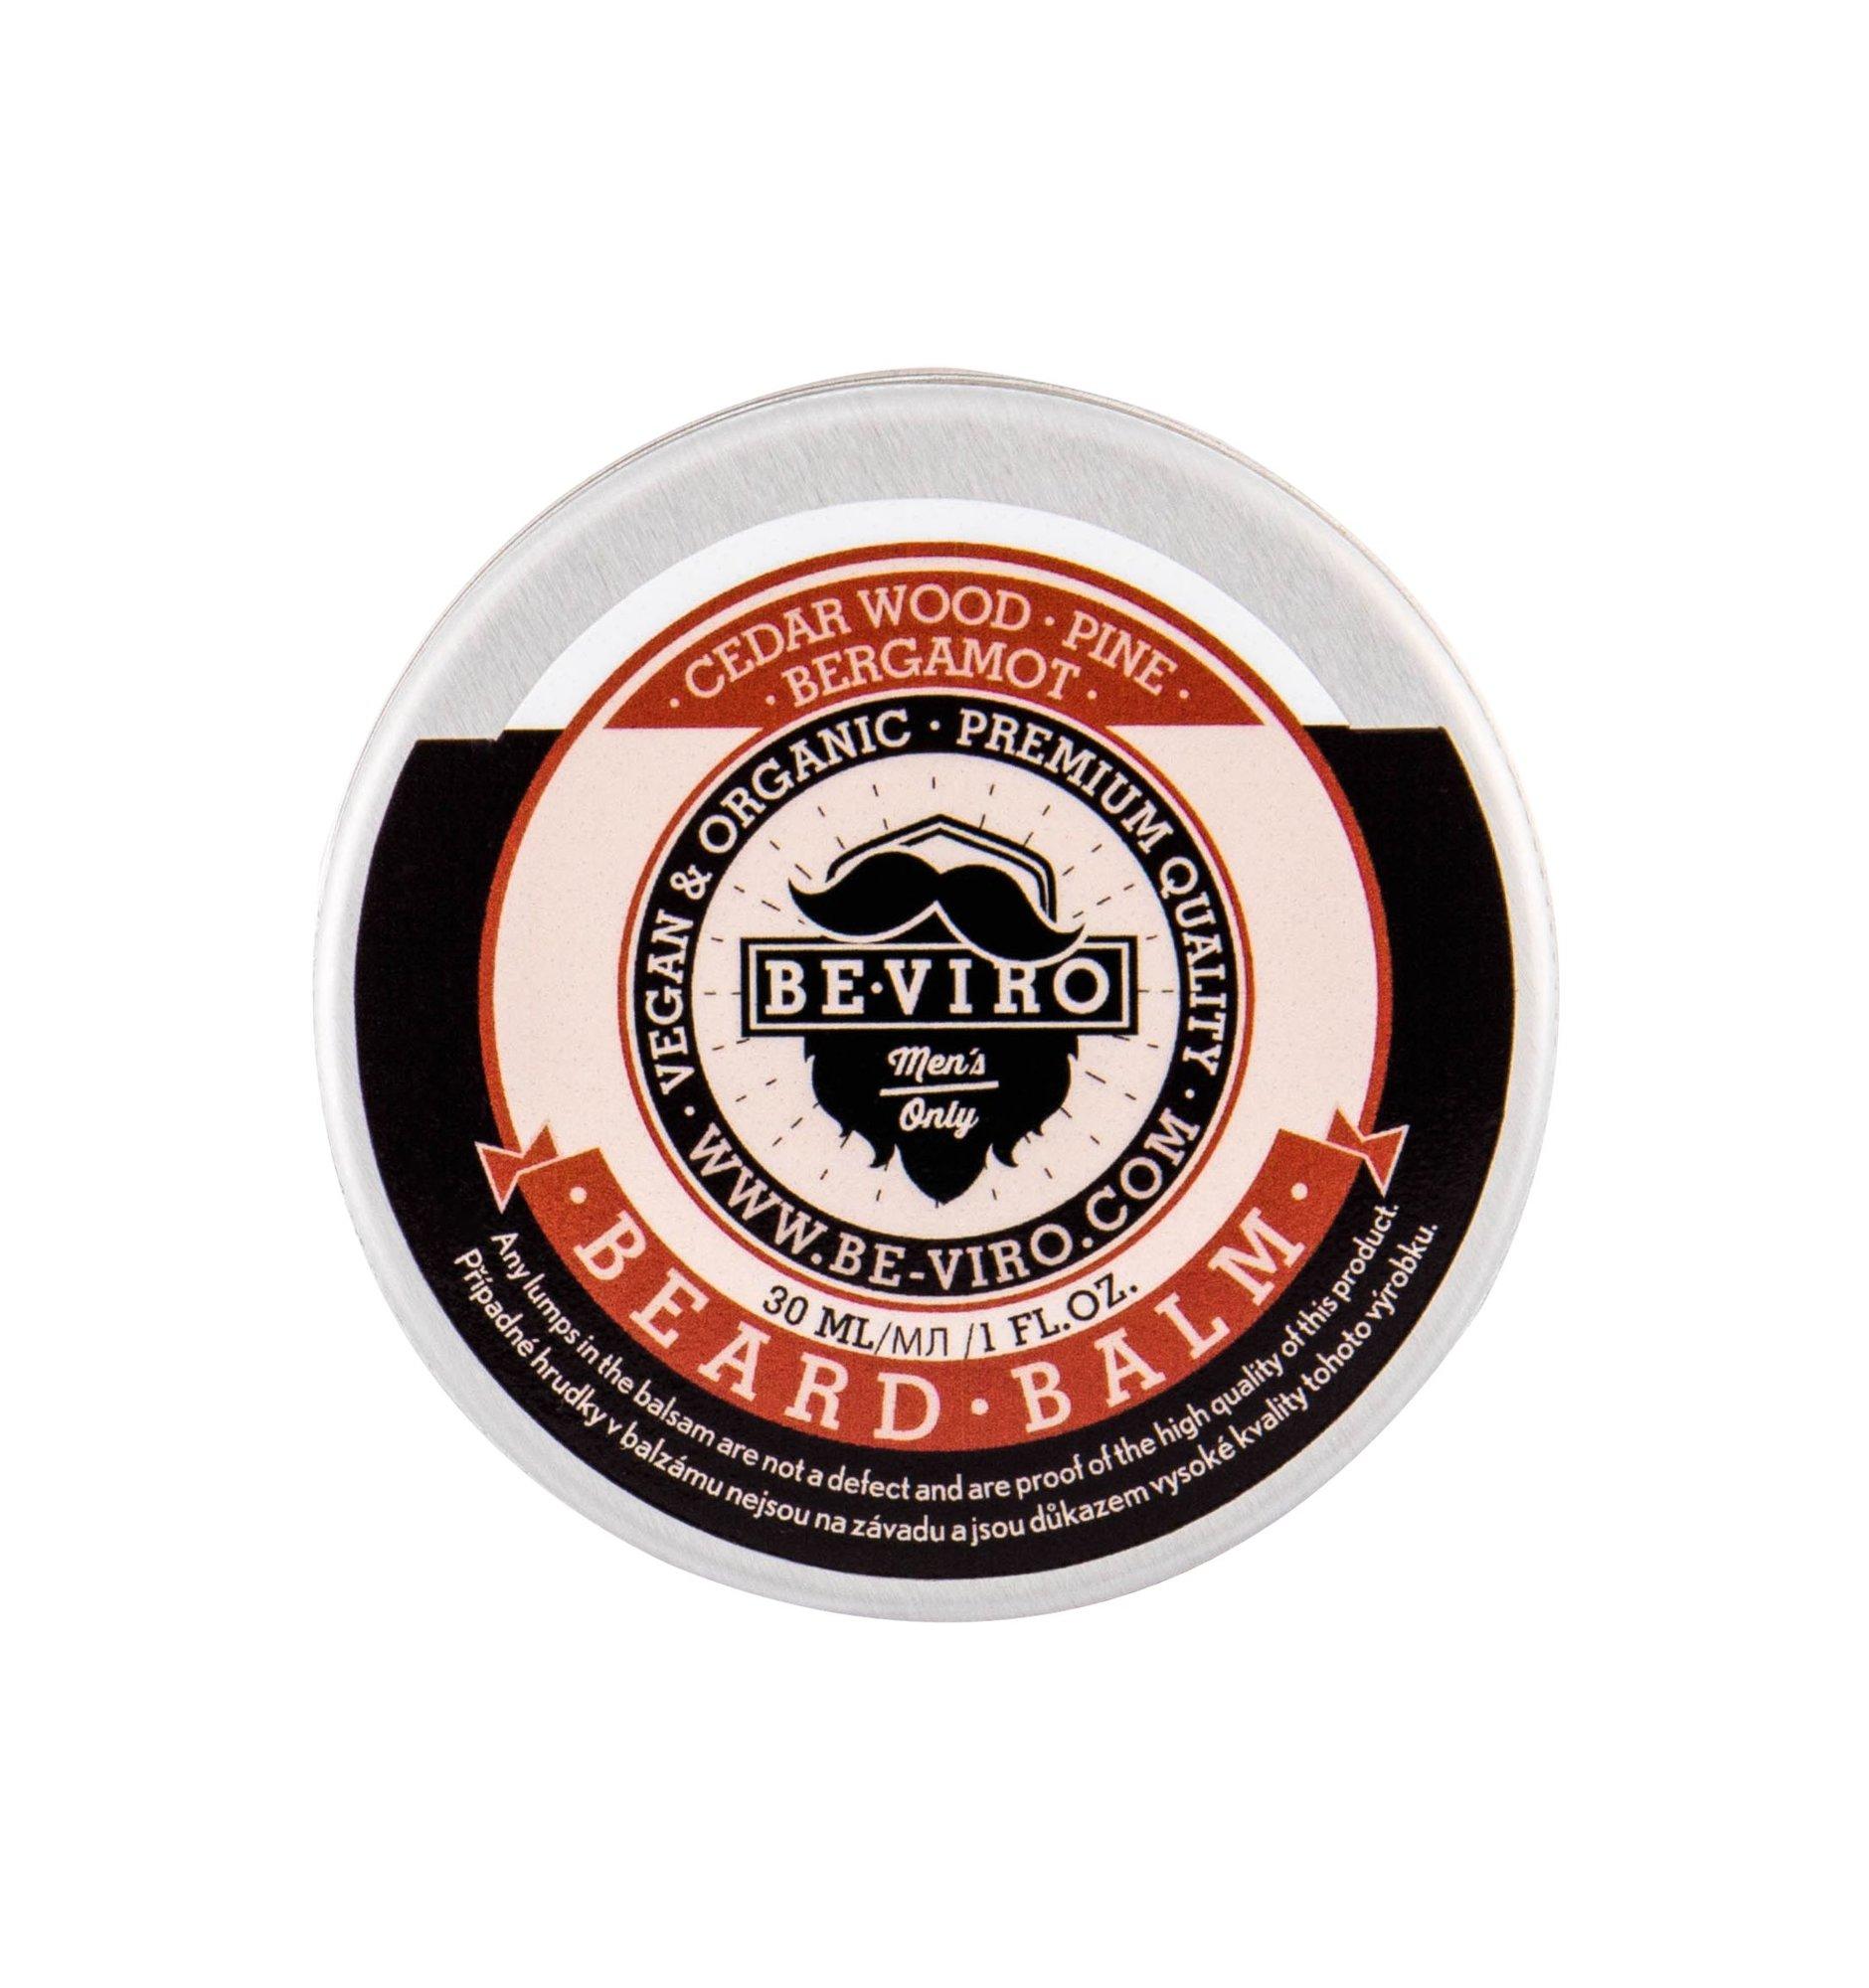 Be-Viro Men´s Only Beard Care 30ml Cedar Wood, Bergamot, Pine Beard Balm